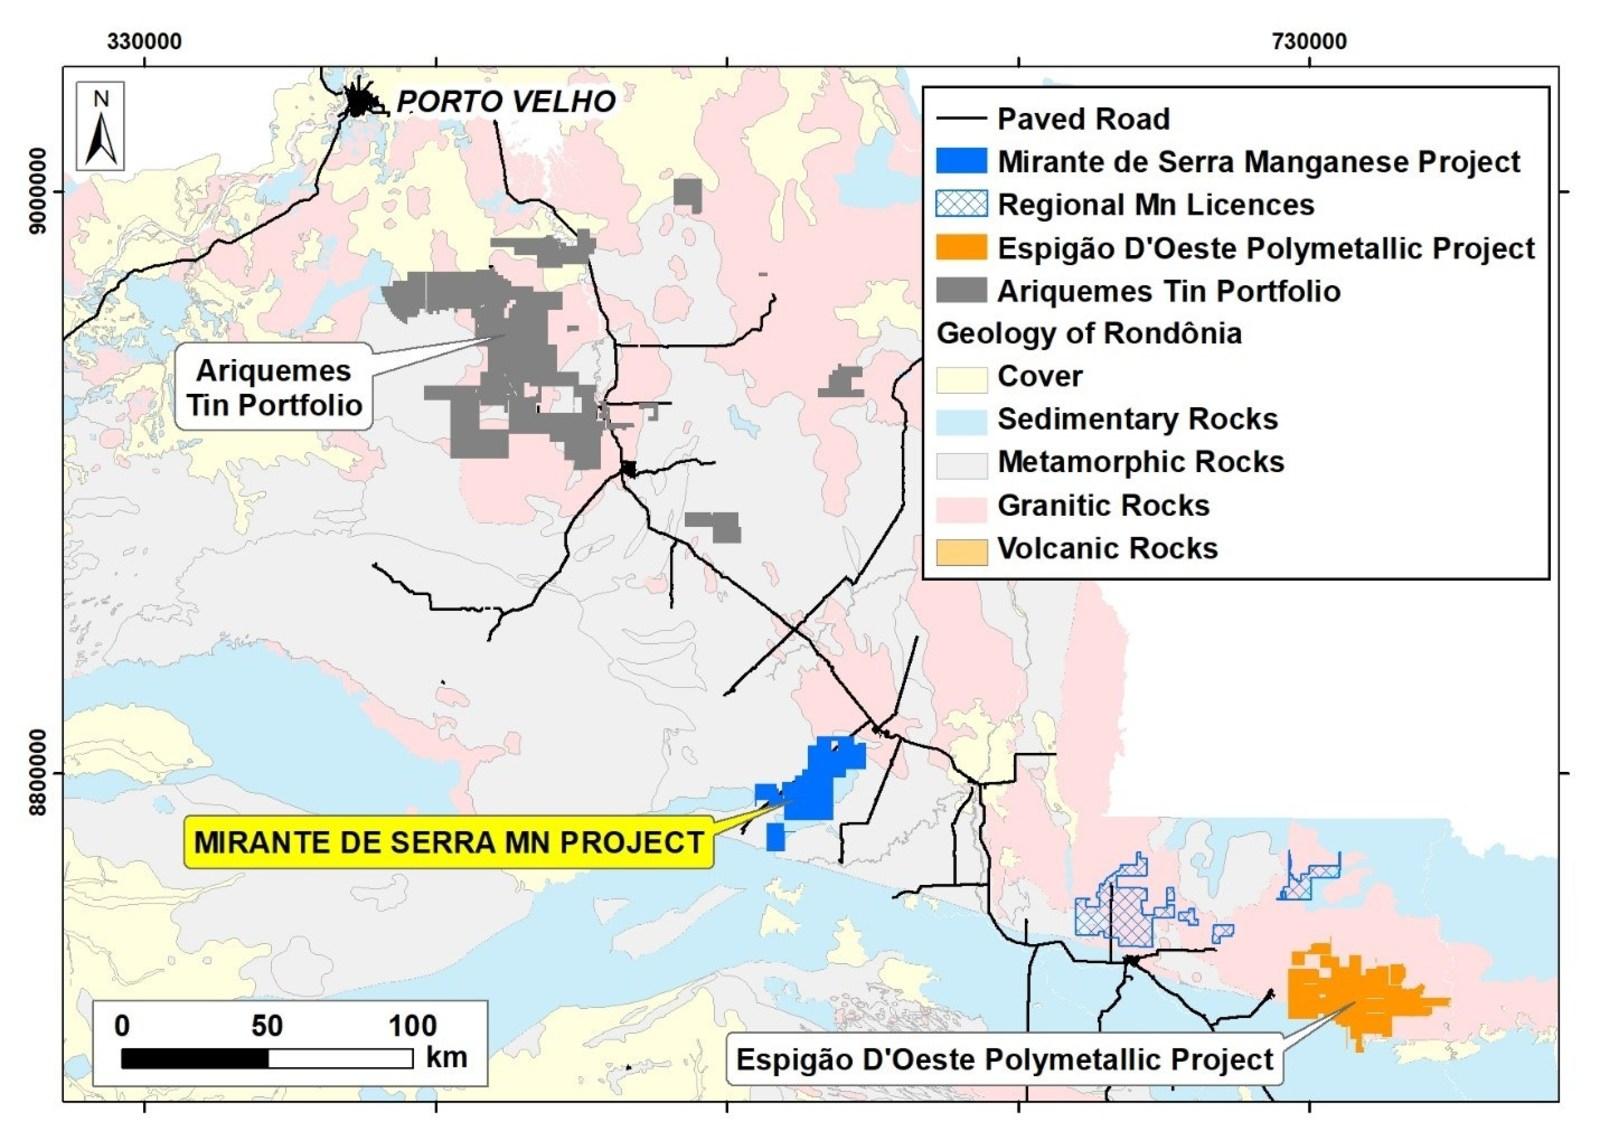 Fig. 1: Regional map of the Mirante da Serra with Espigão operations and the shipping port of Porto Velho.